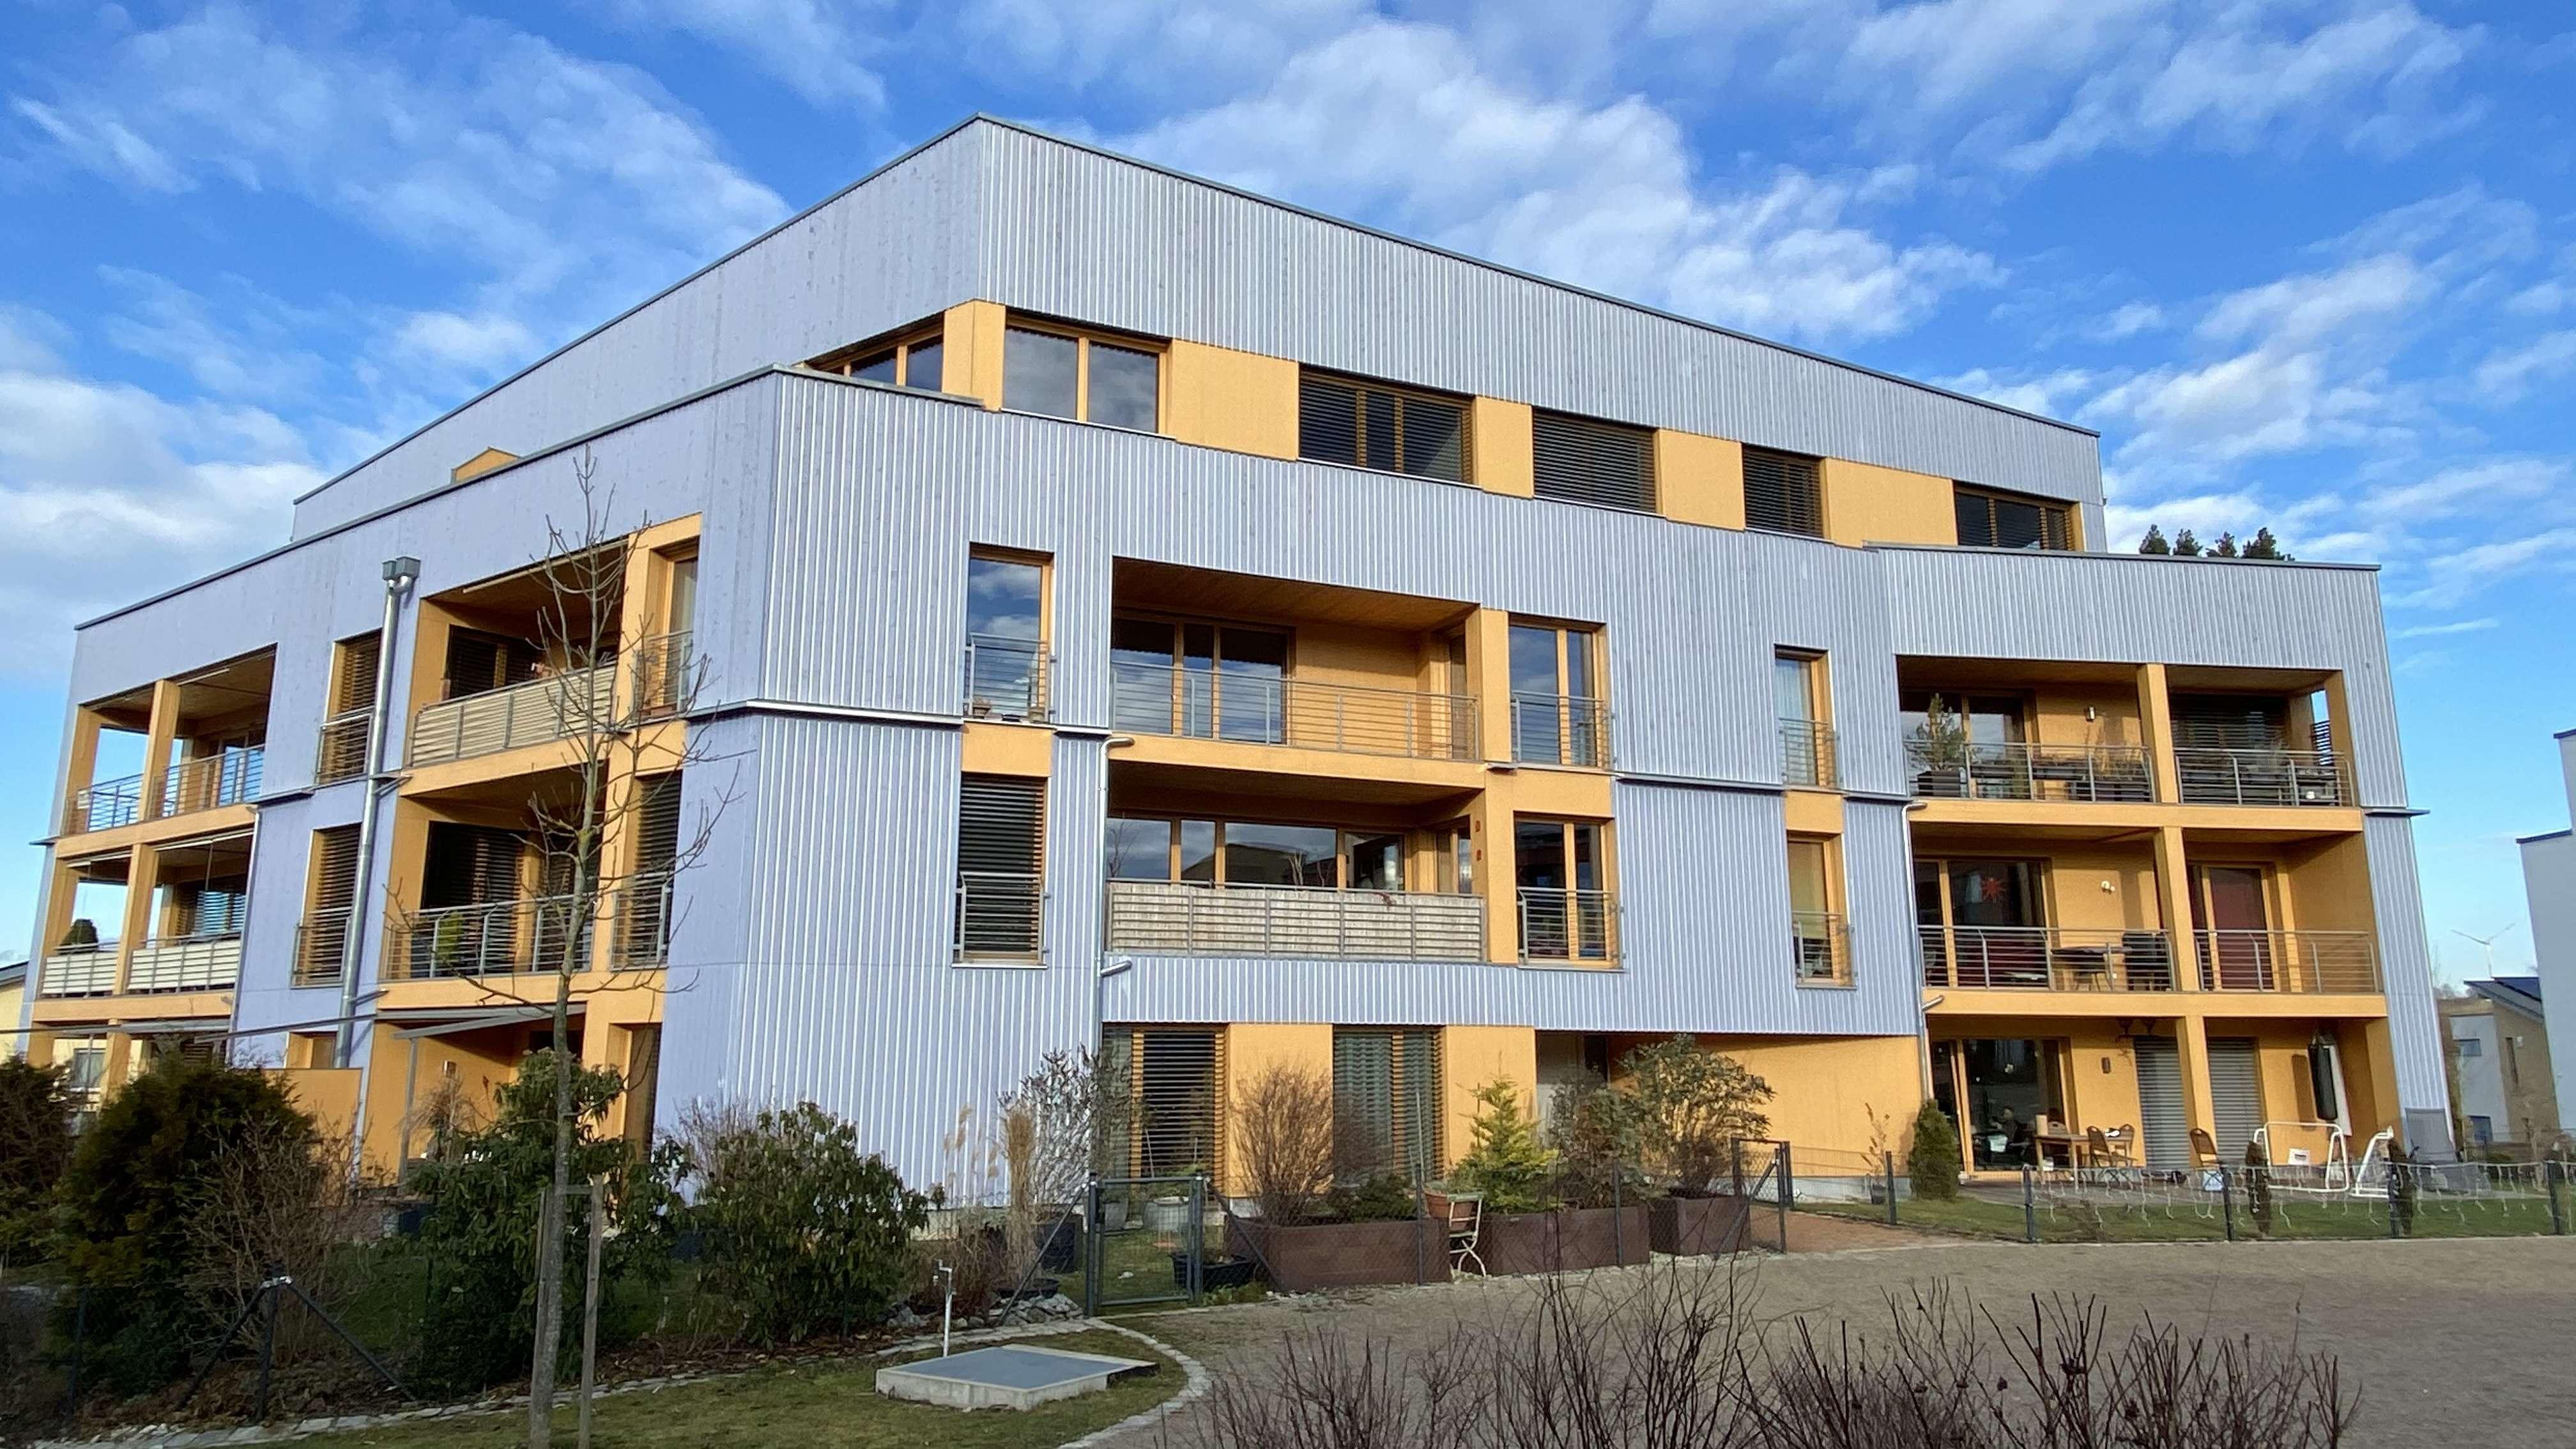 Tolle, neuwertige 2 ZKB in ökologischer Bauweise, großer überdachter Balkon, Pfaffenhofen/Ilm in